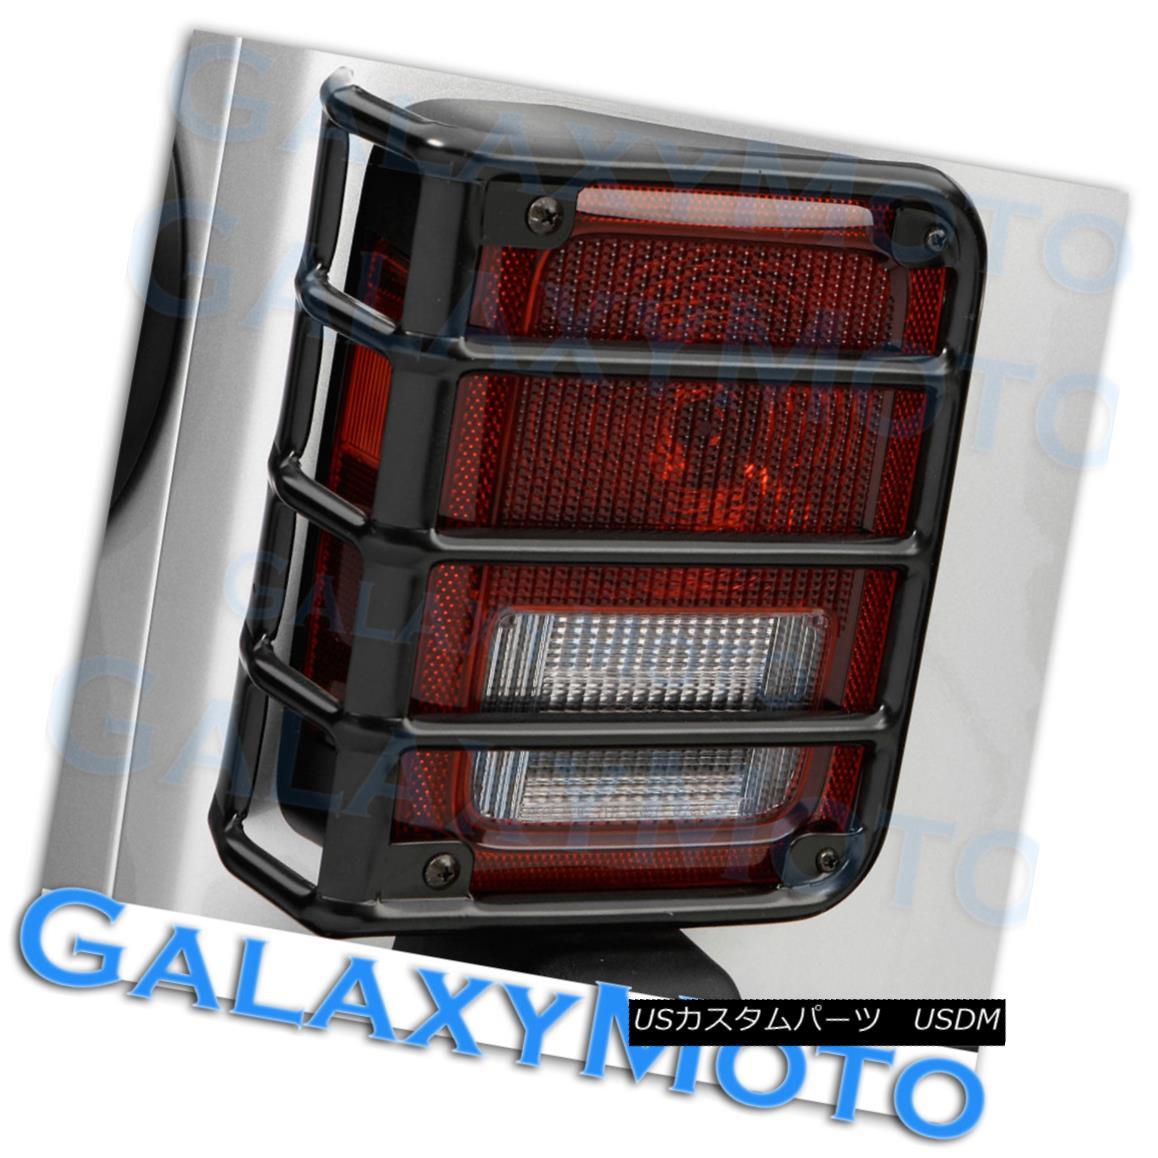 グリル Black Stainless Metal Euro Taillight Lamp Guard Cover for 07-17 Jeep Wrangler JK 07-17ジープラングラーJKのためのブラックステンレスメタルユーロテールライトランプガードカバー